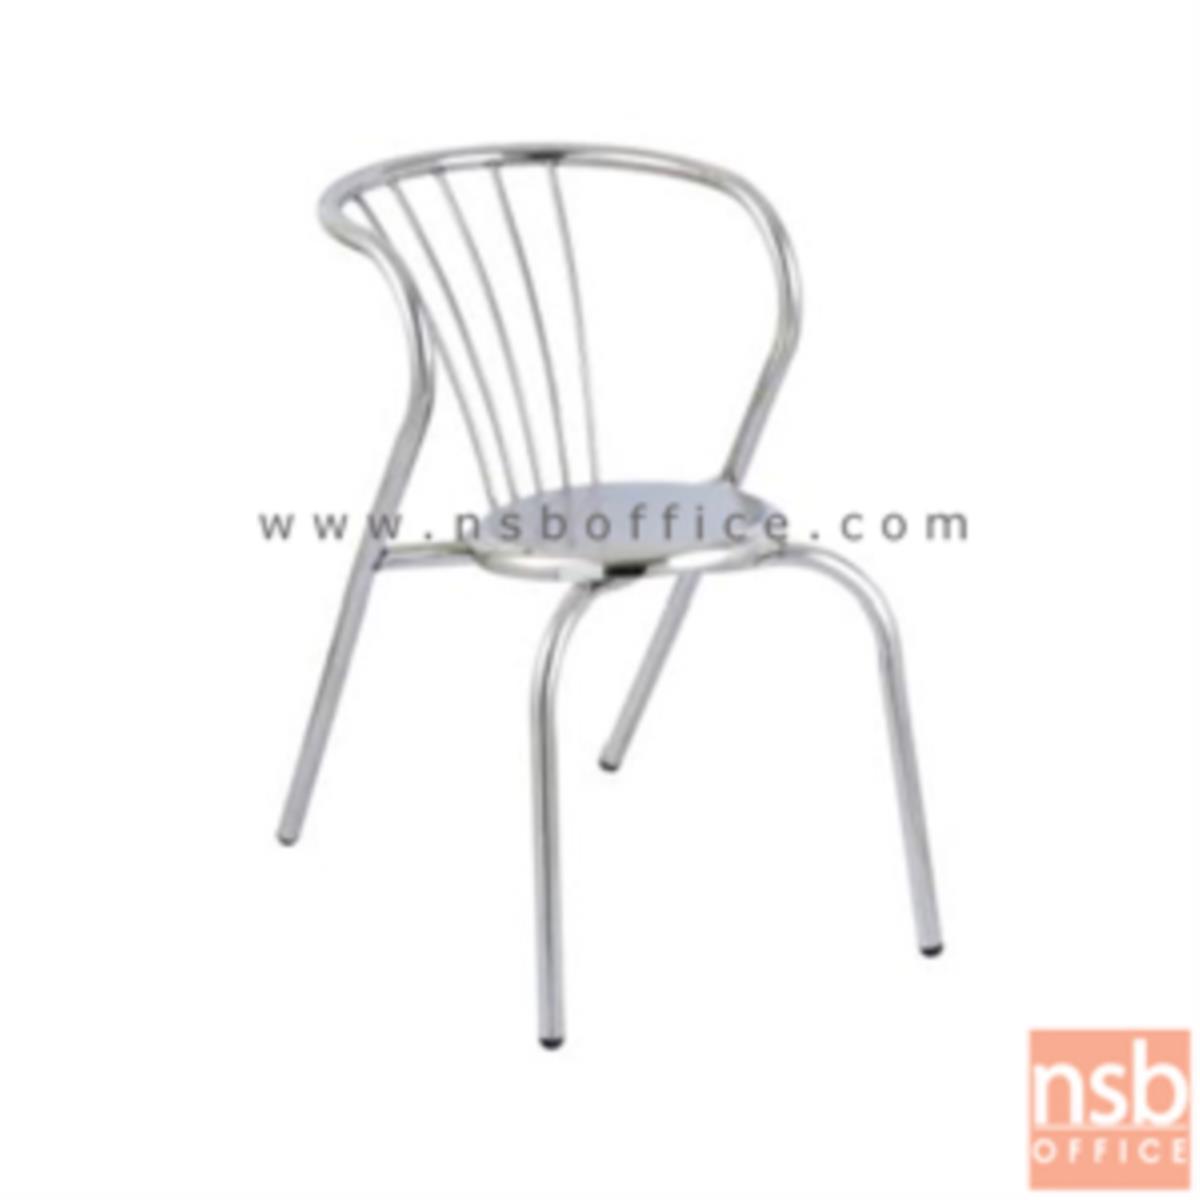 G12A083:เก้าอี้อเนกประสงค์สแตนเลส รุ่น Achsah (แอชซ่าห์)   ขาสเตนเลส